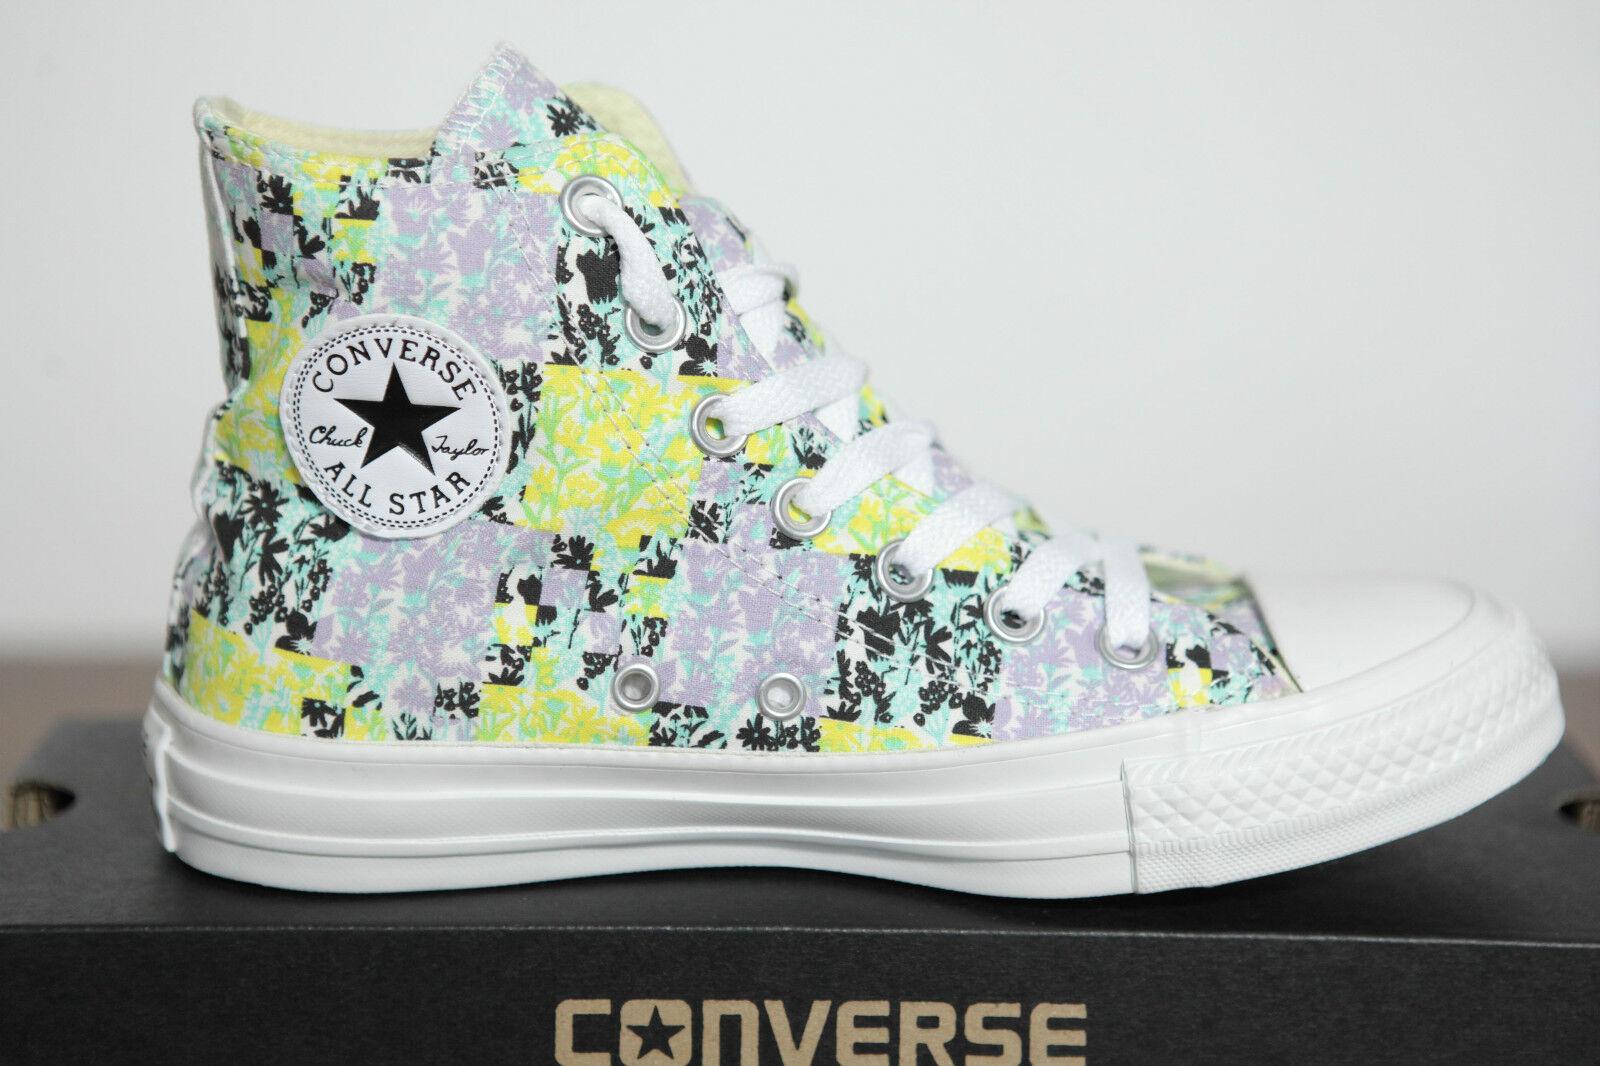 Neu All All All Star Converse Chucks Hi Multi white 542558c High Top Sneaker Gr.41 UK7,5 c8c0fa